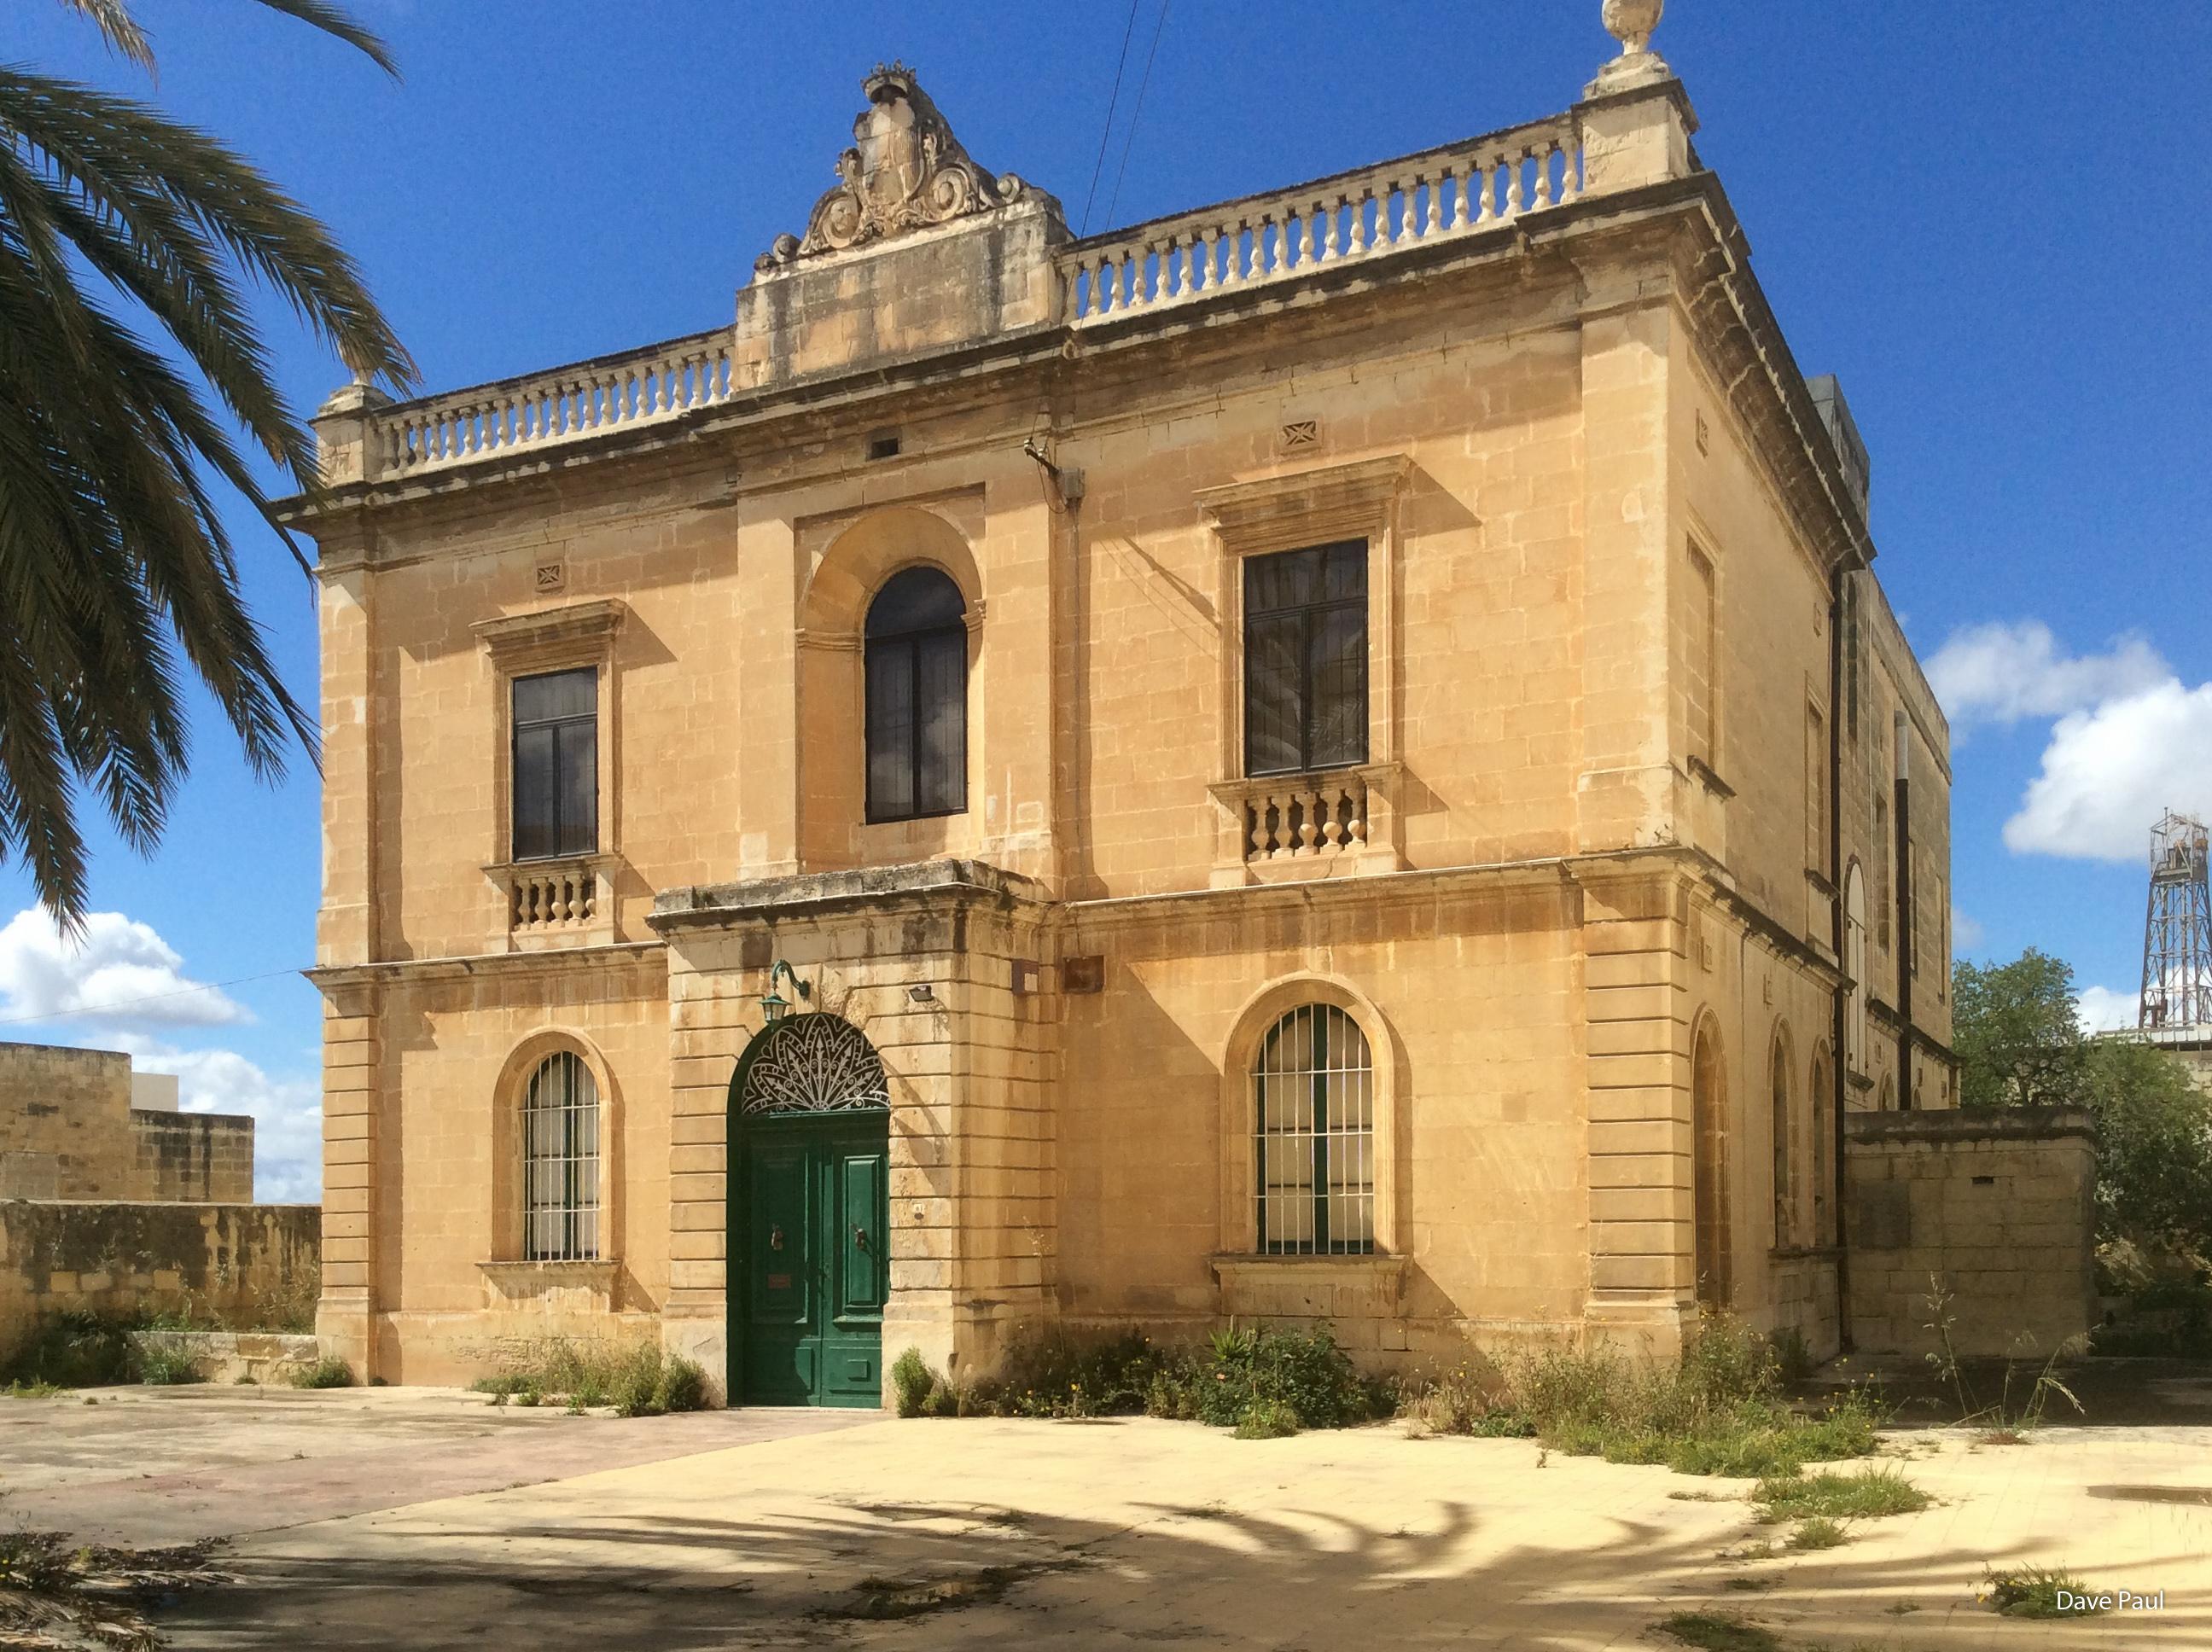 FileVilla Blye Masonic Temple Masonic Lodge Paola